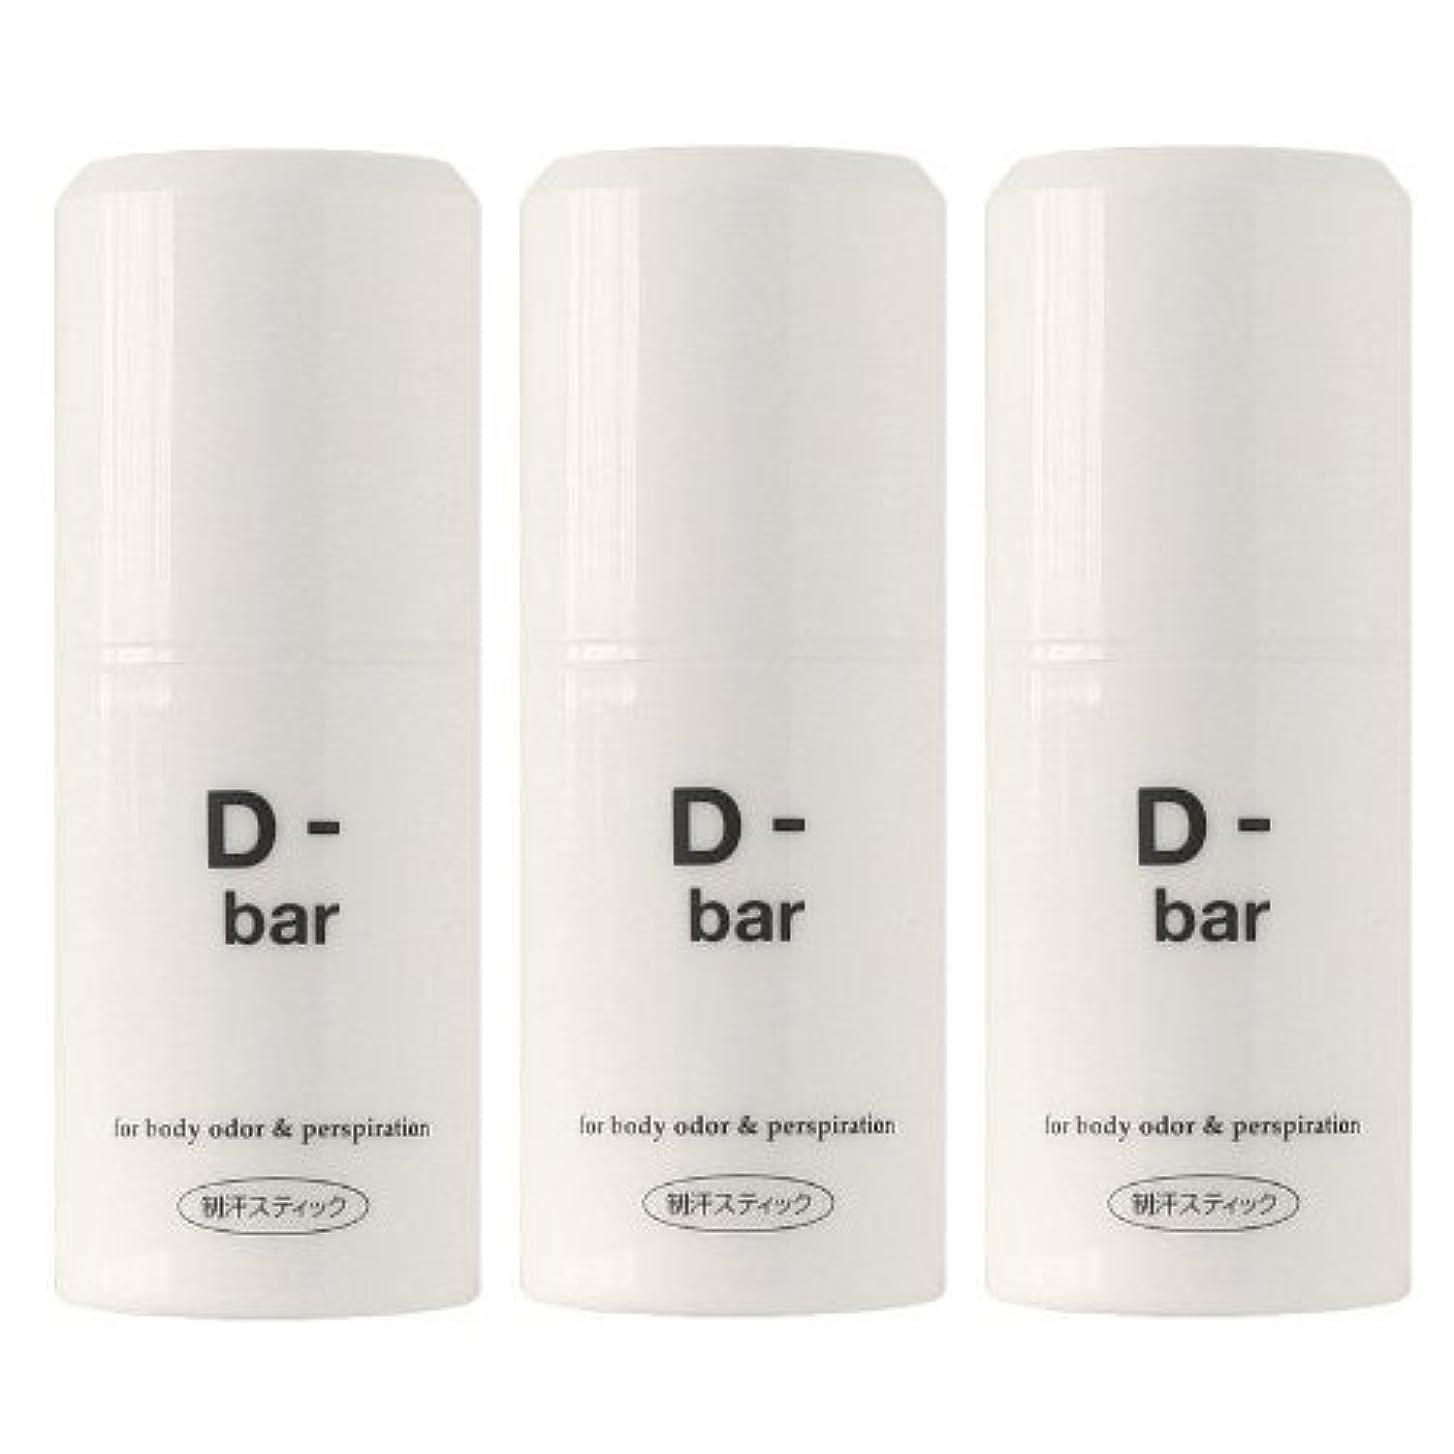 イヤホン励起心のこもったディーバー(D-bar) 3本セット